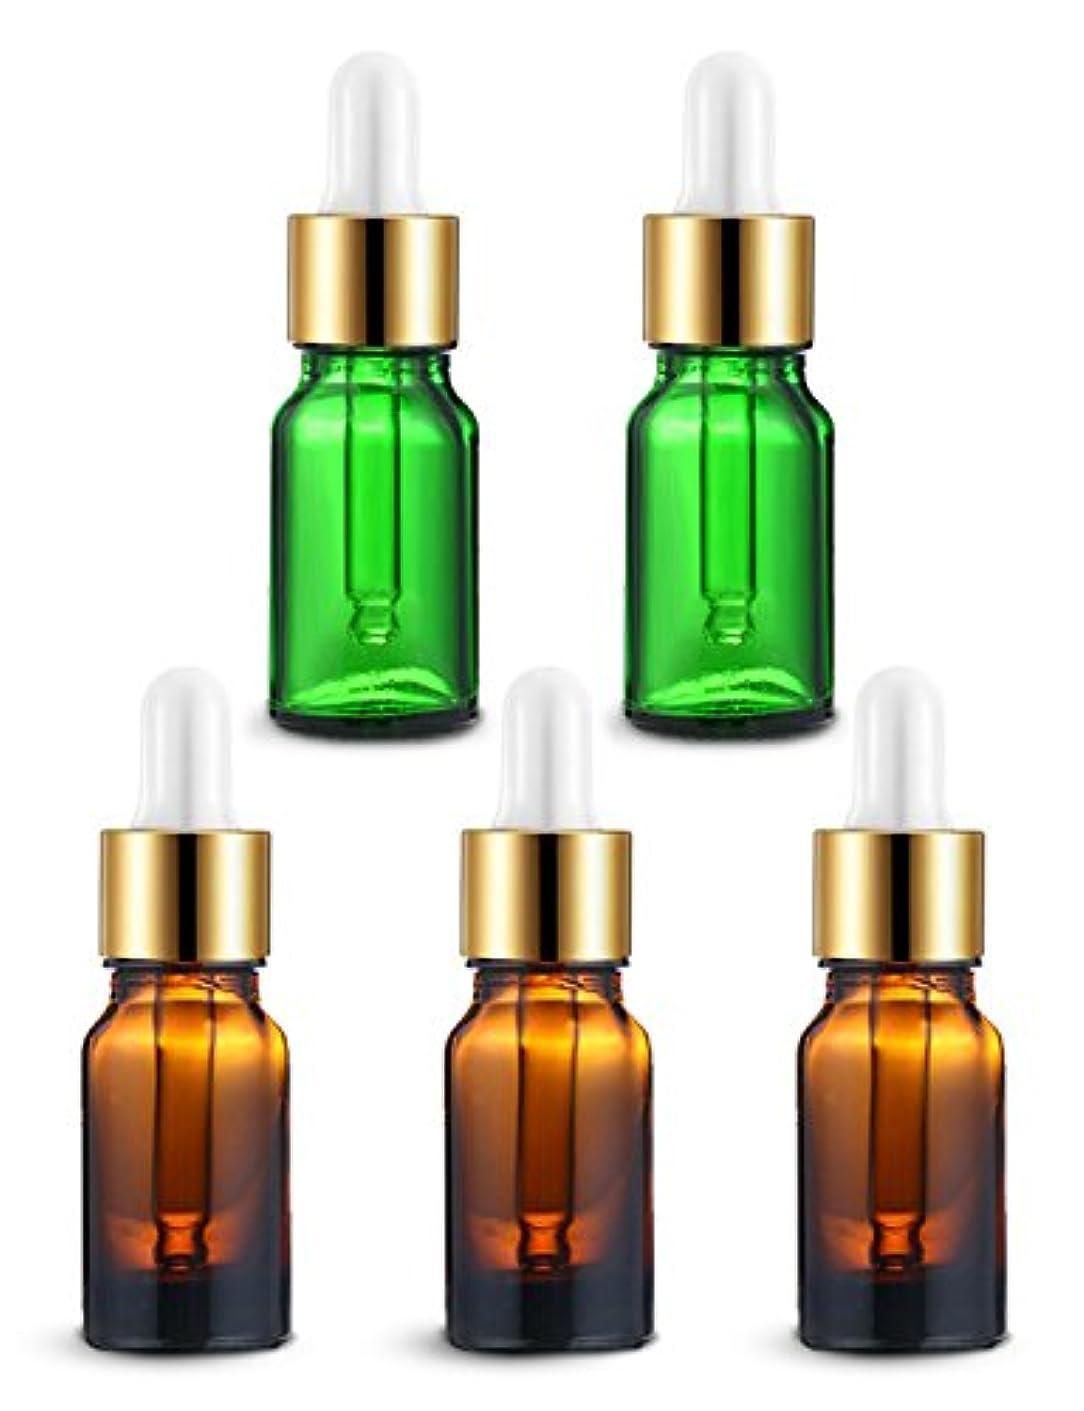 障害肝競うENERG アロマディフューザー(全機種適応) ネブライザー式 スポイト付き精油瓶 緑2個?ブラウン3個 アロマ瓶 10ml 5個セット